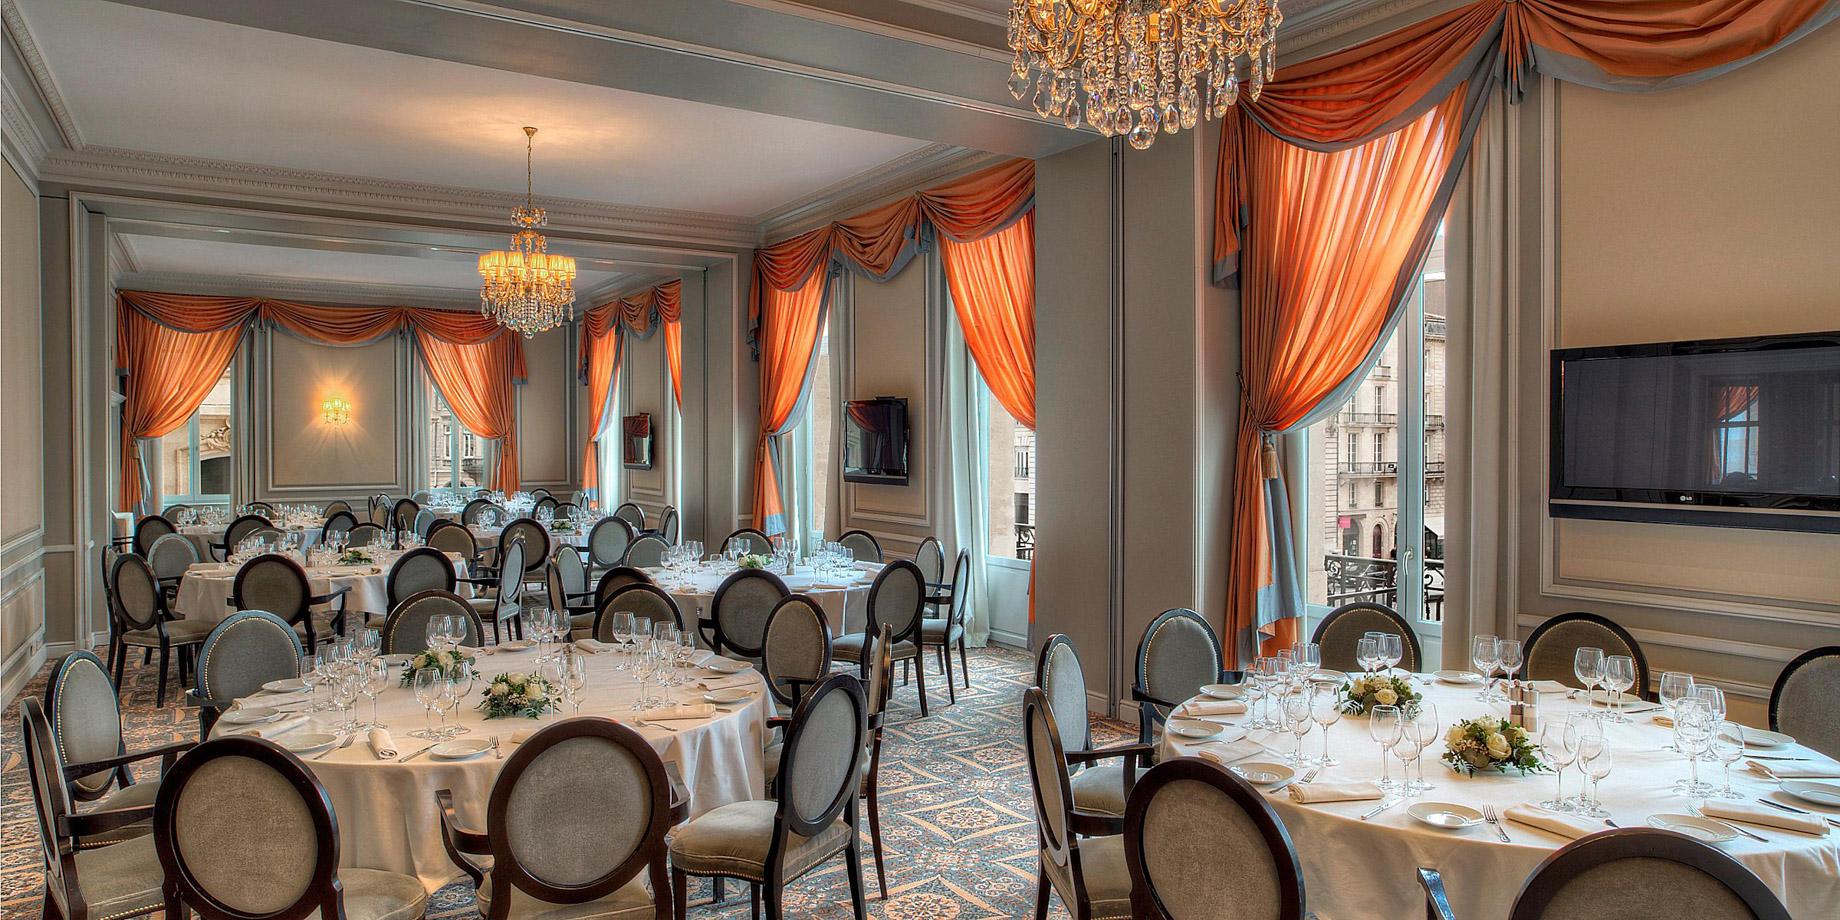 InterContinental Bordeaux Le Grand Hotel – Bordeaux, France – Saint-Emilion Banquet Room